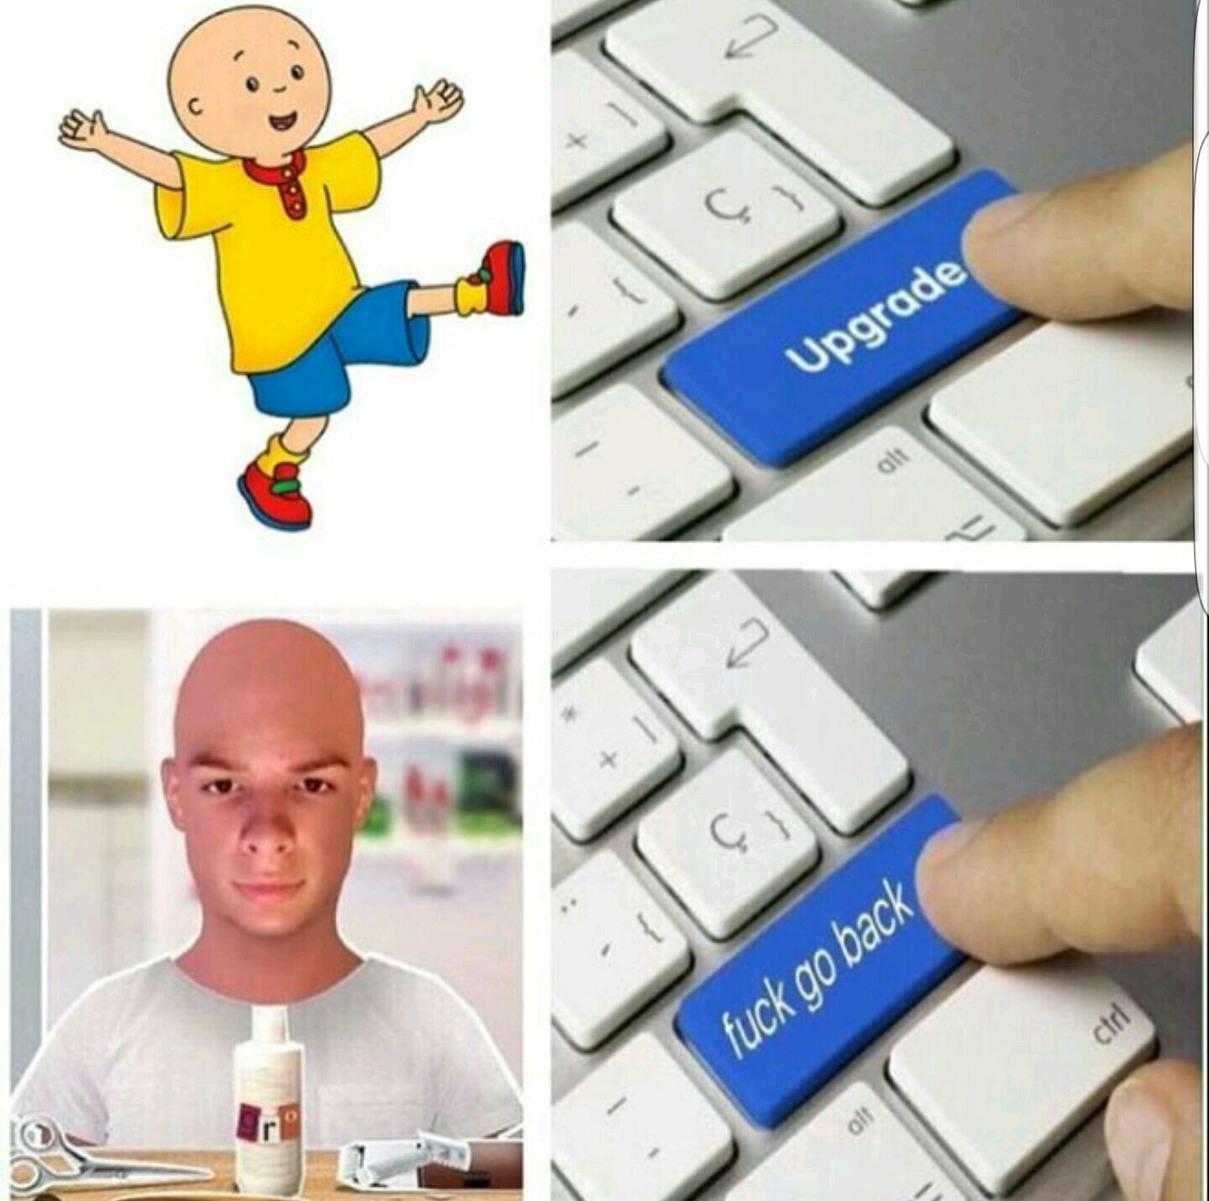 Jjjjjj - meme